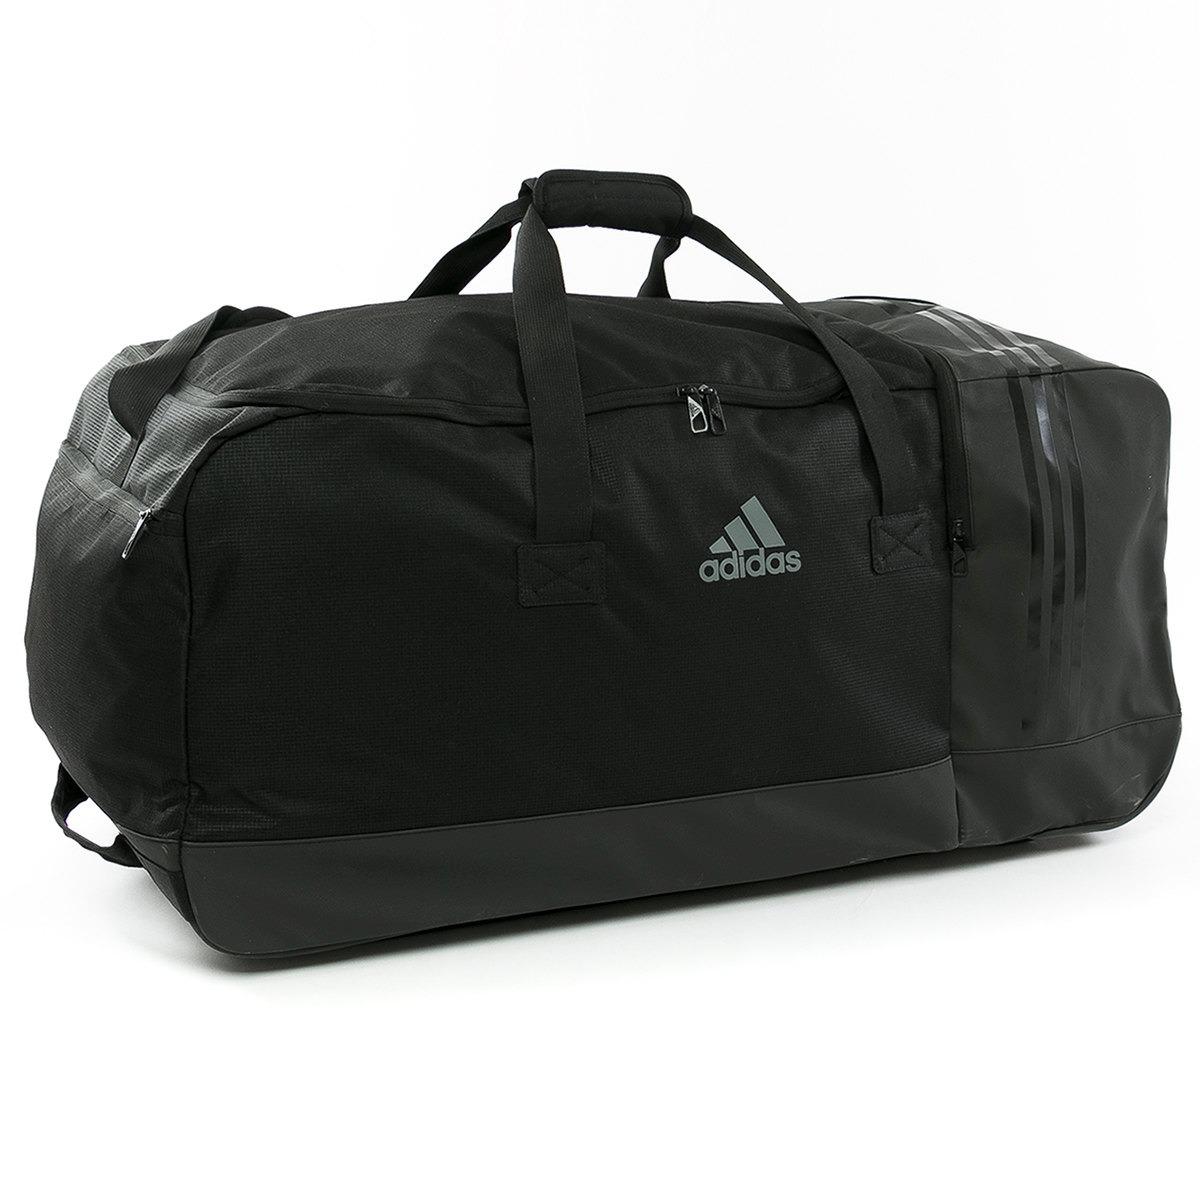 Adidas1 En Valija Bolso Xl 999 3s 00 Libre Performance Mercado HED9IYW2